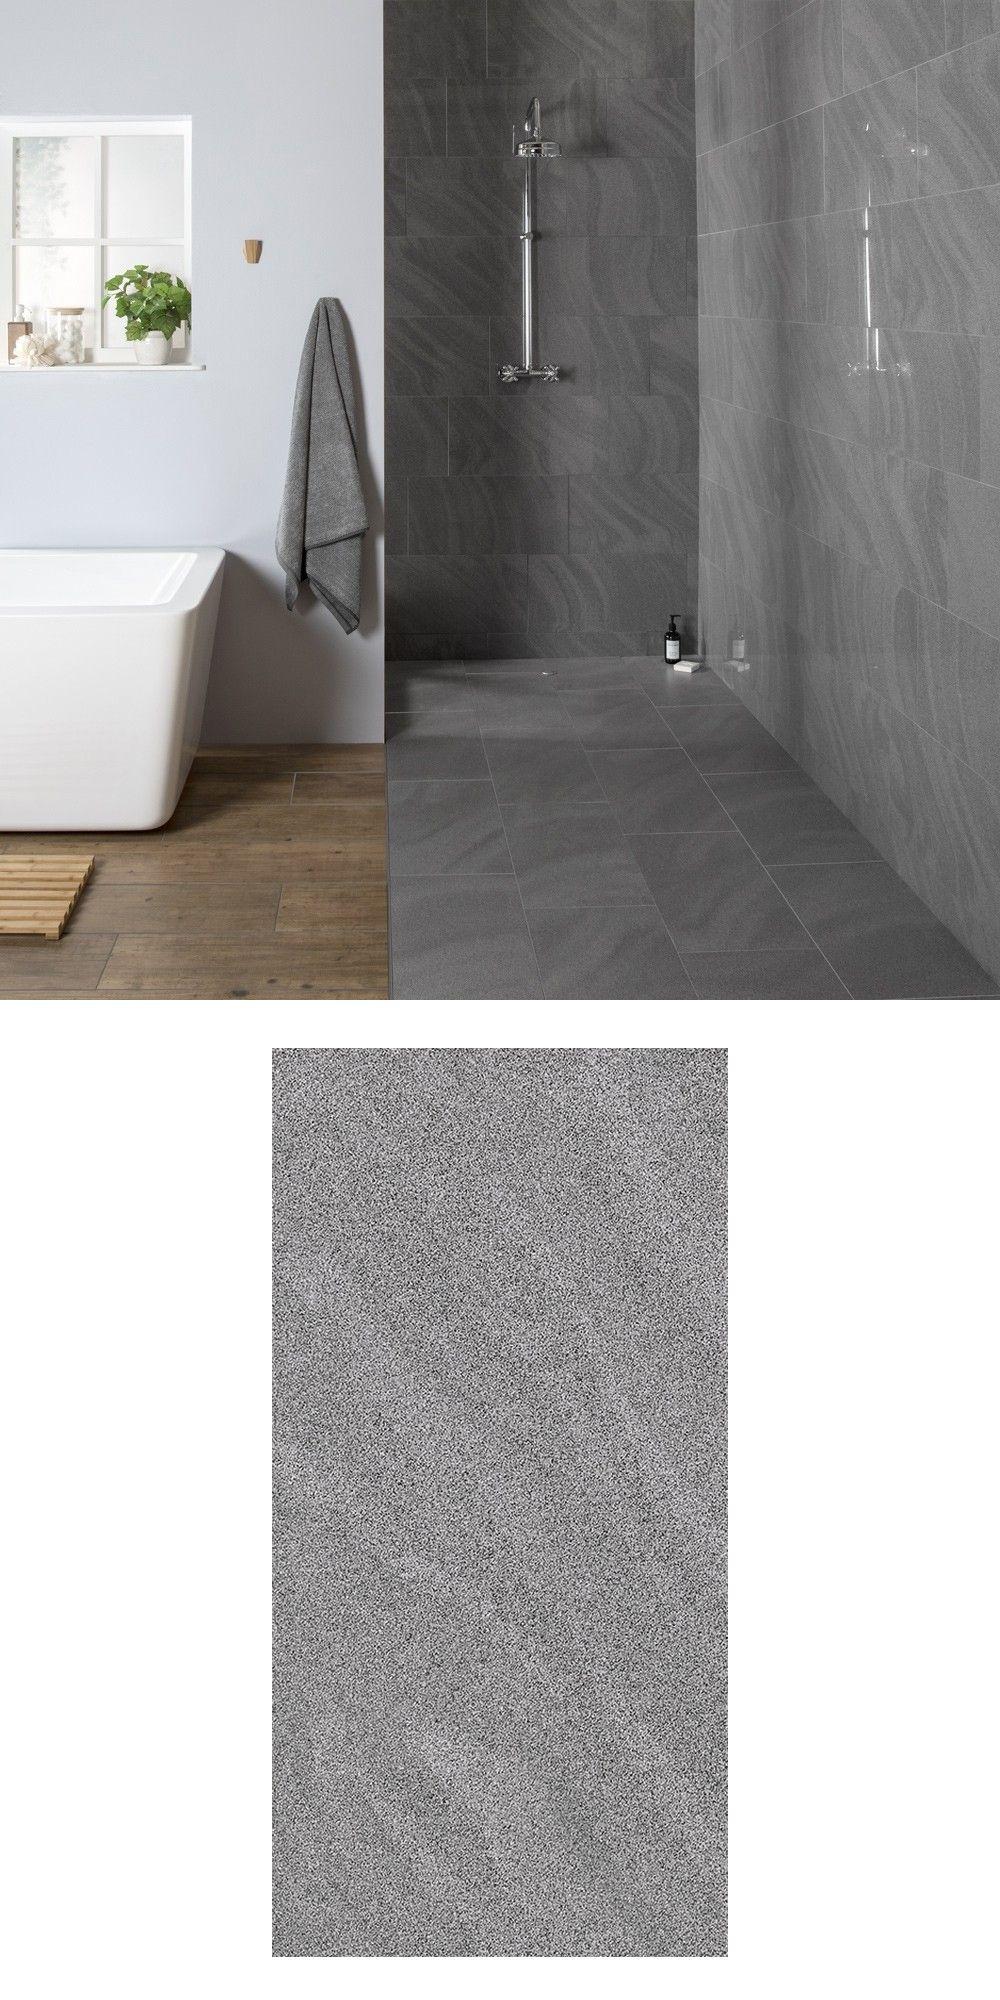 Nain Black Slate Effect Tiles 30 X 60 Cm Slate Effect Tiles Tile Floor Porcelain Tile Bathroom